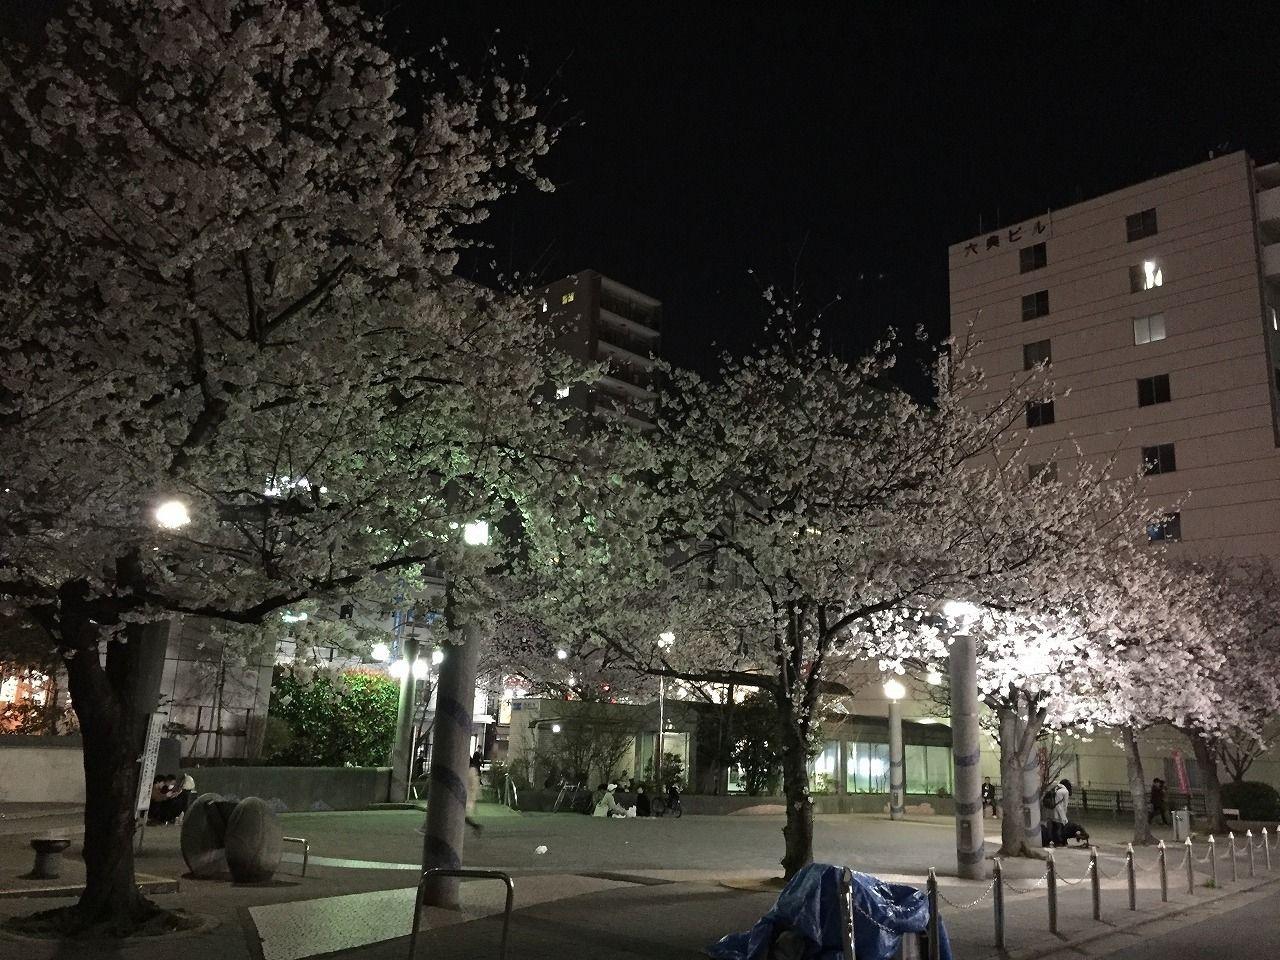 染井吉野さくら駒込駅の染井吉野桜記念公園